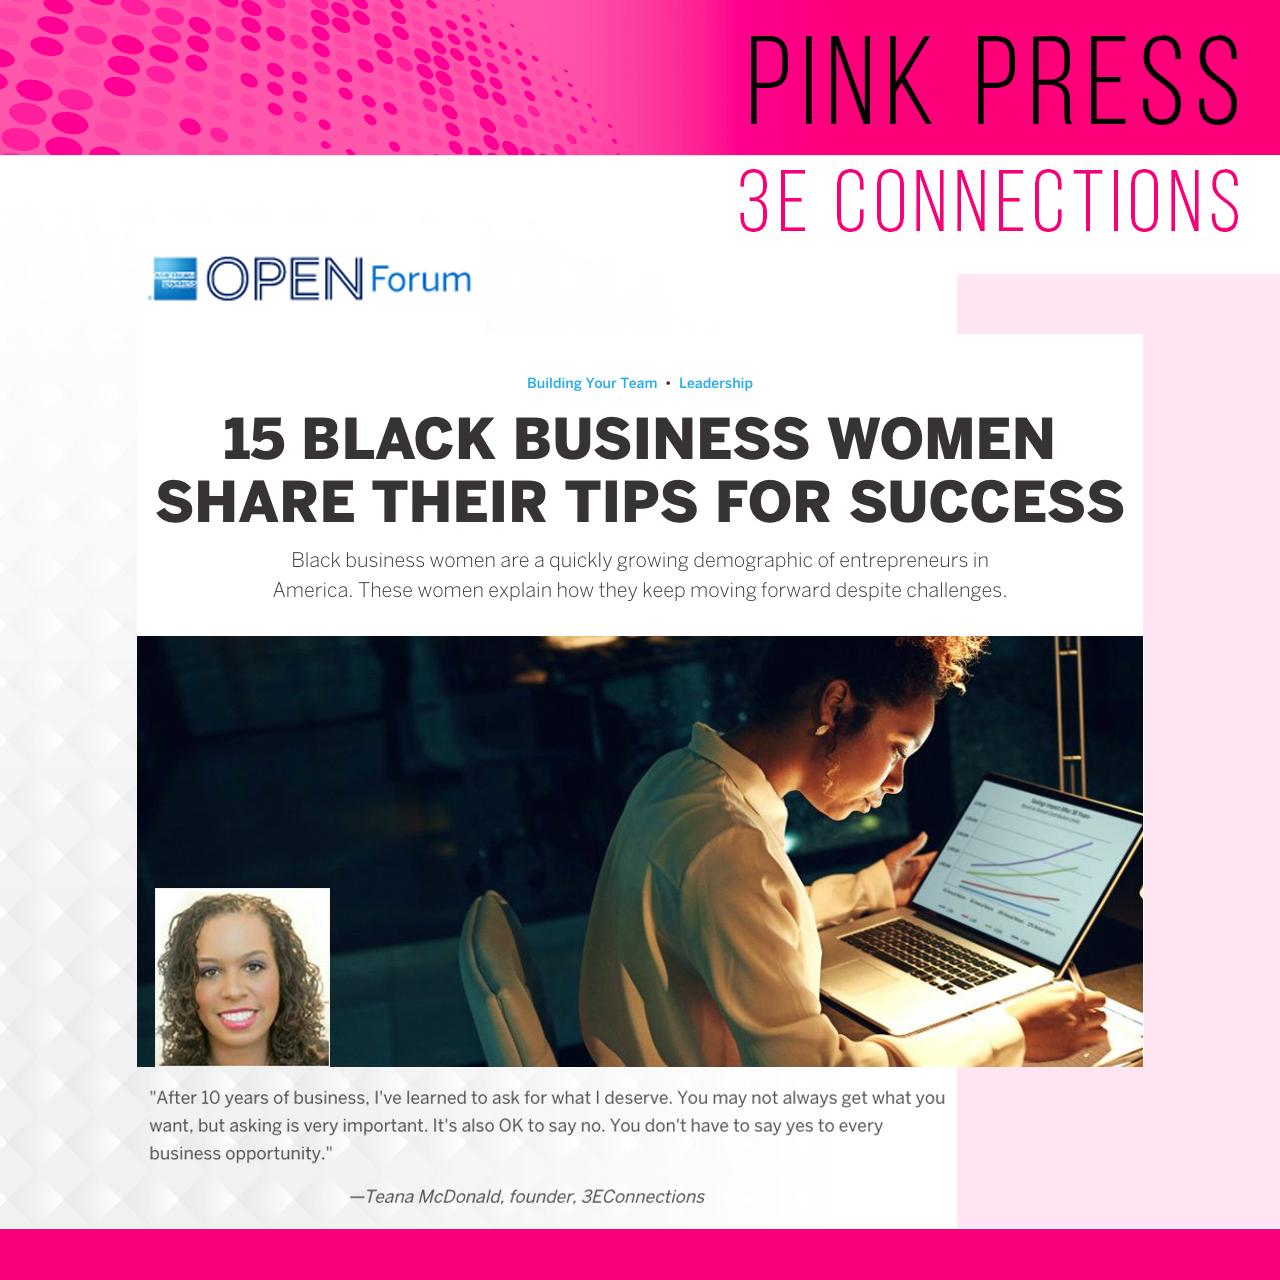 PinkPress_OpenForum.png